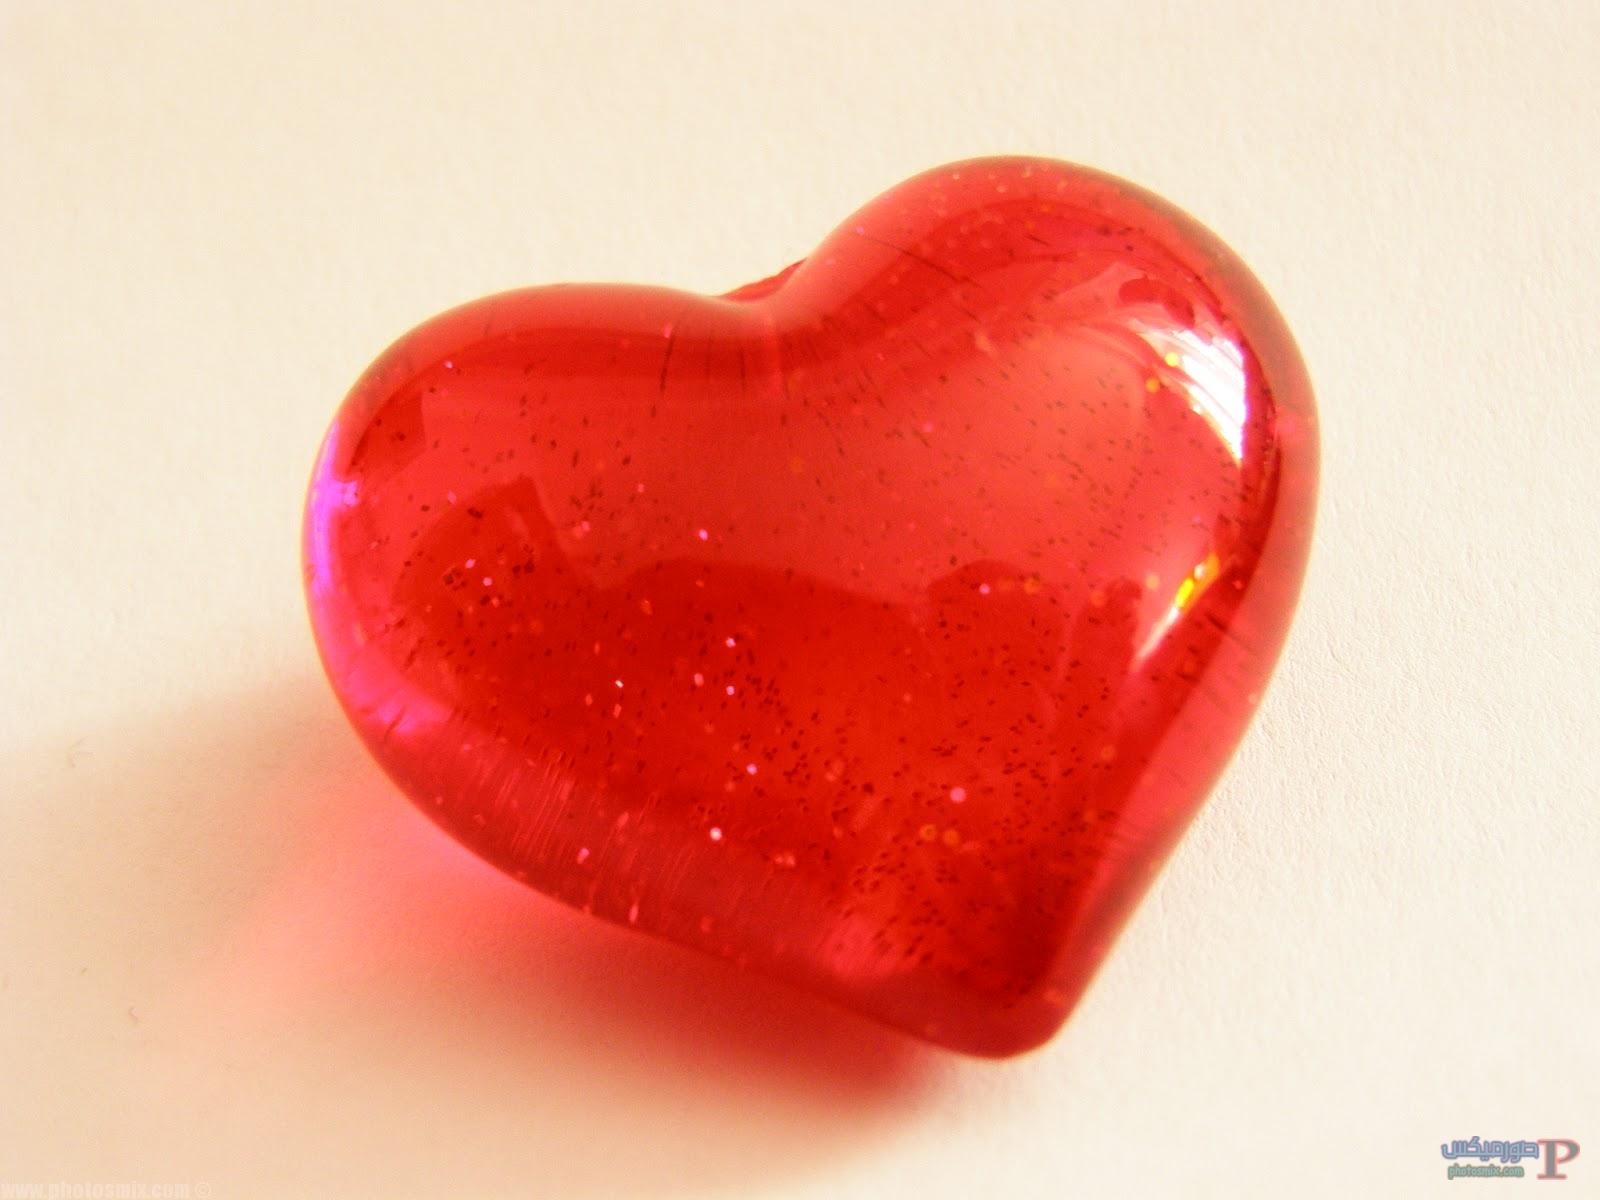 قلوب رمانسية